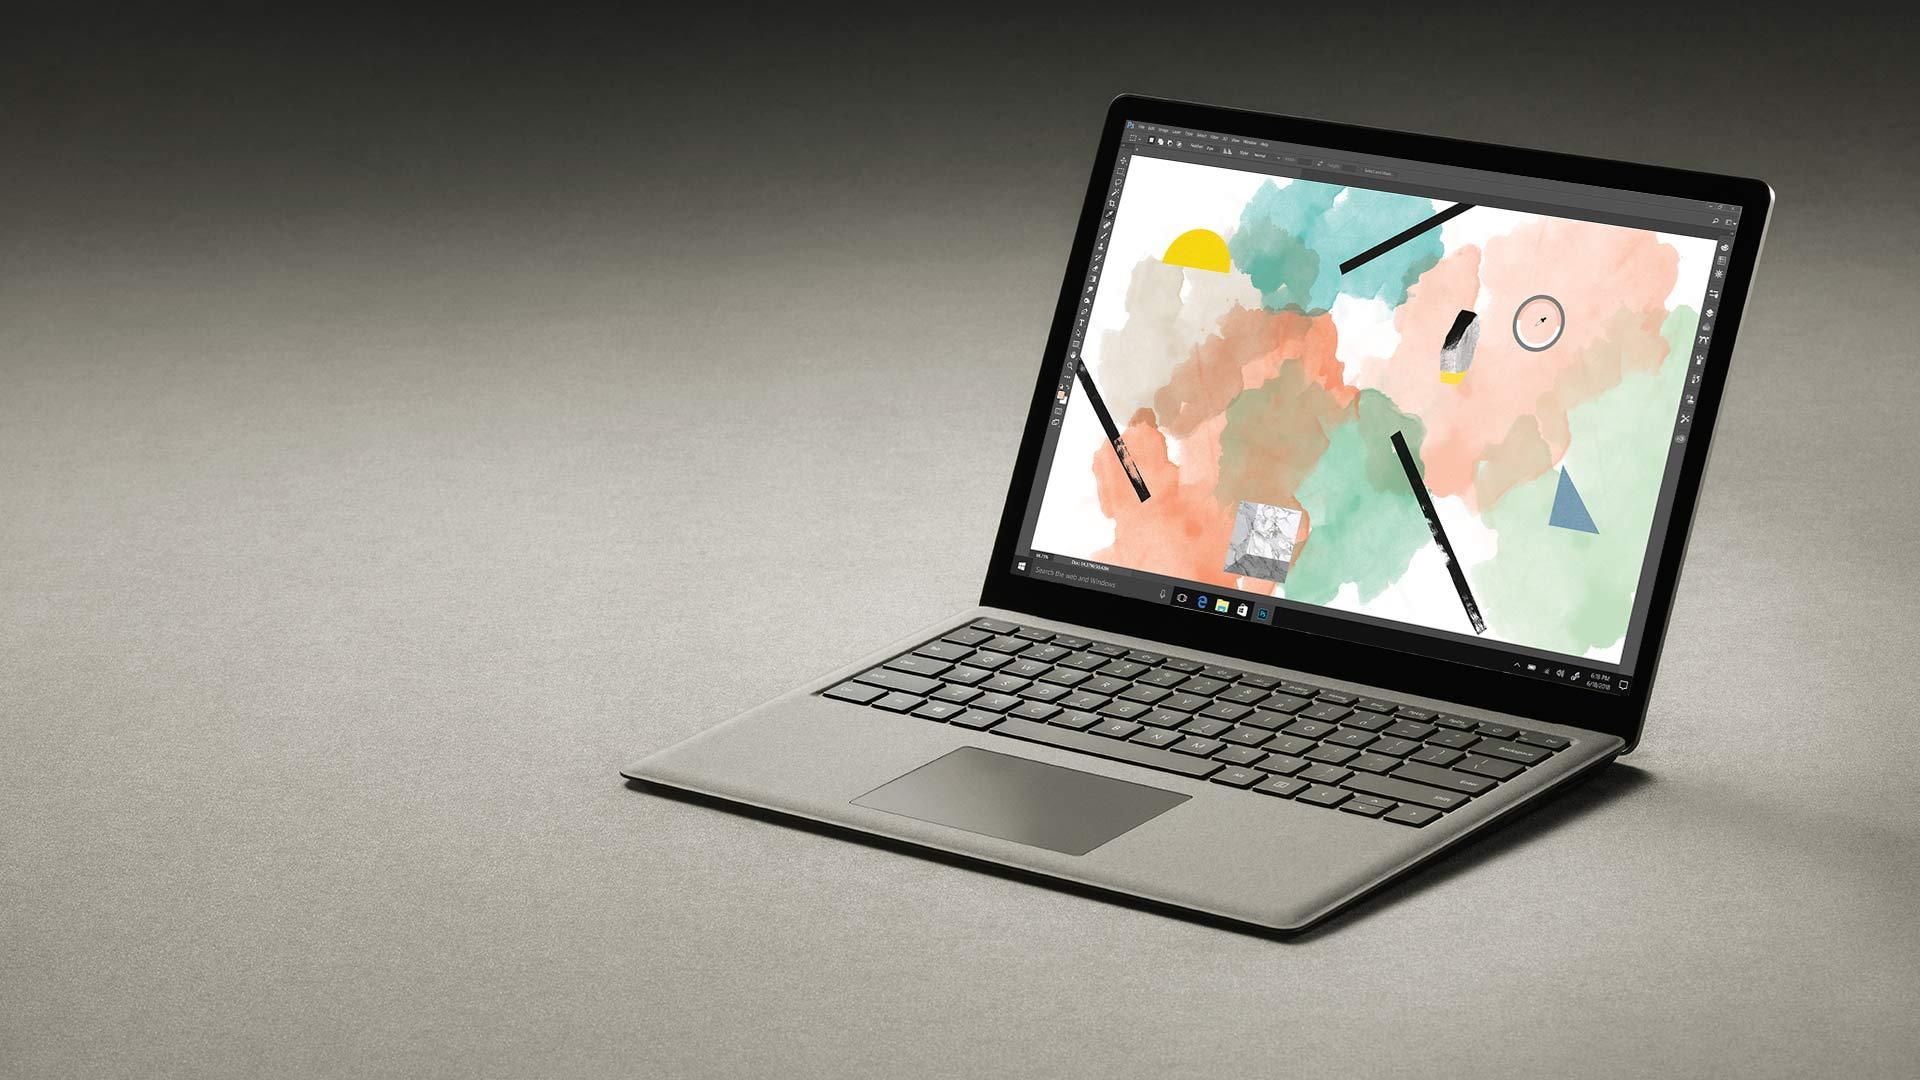 金色 Surface Laptop 顯示 Adobe Photoshop 畫面。